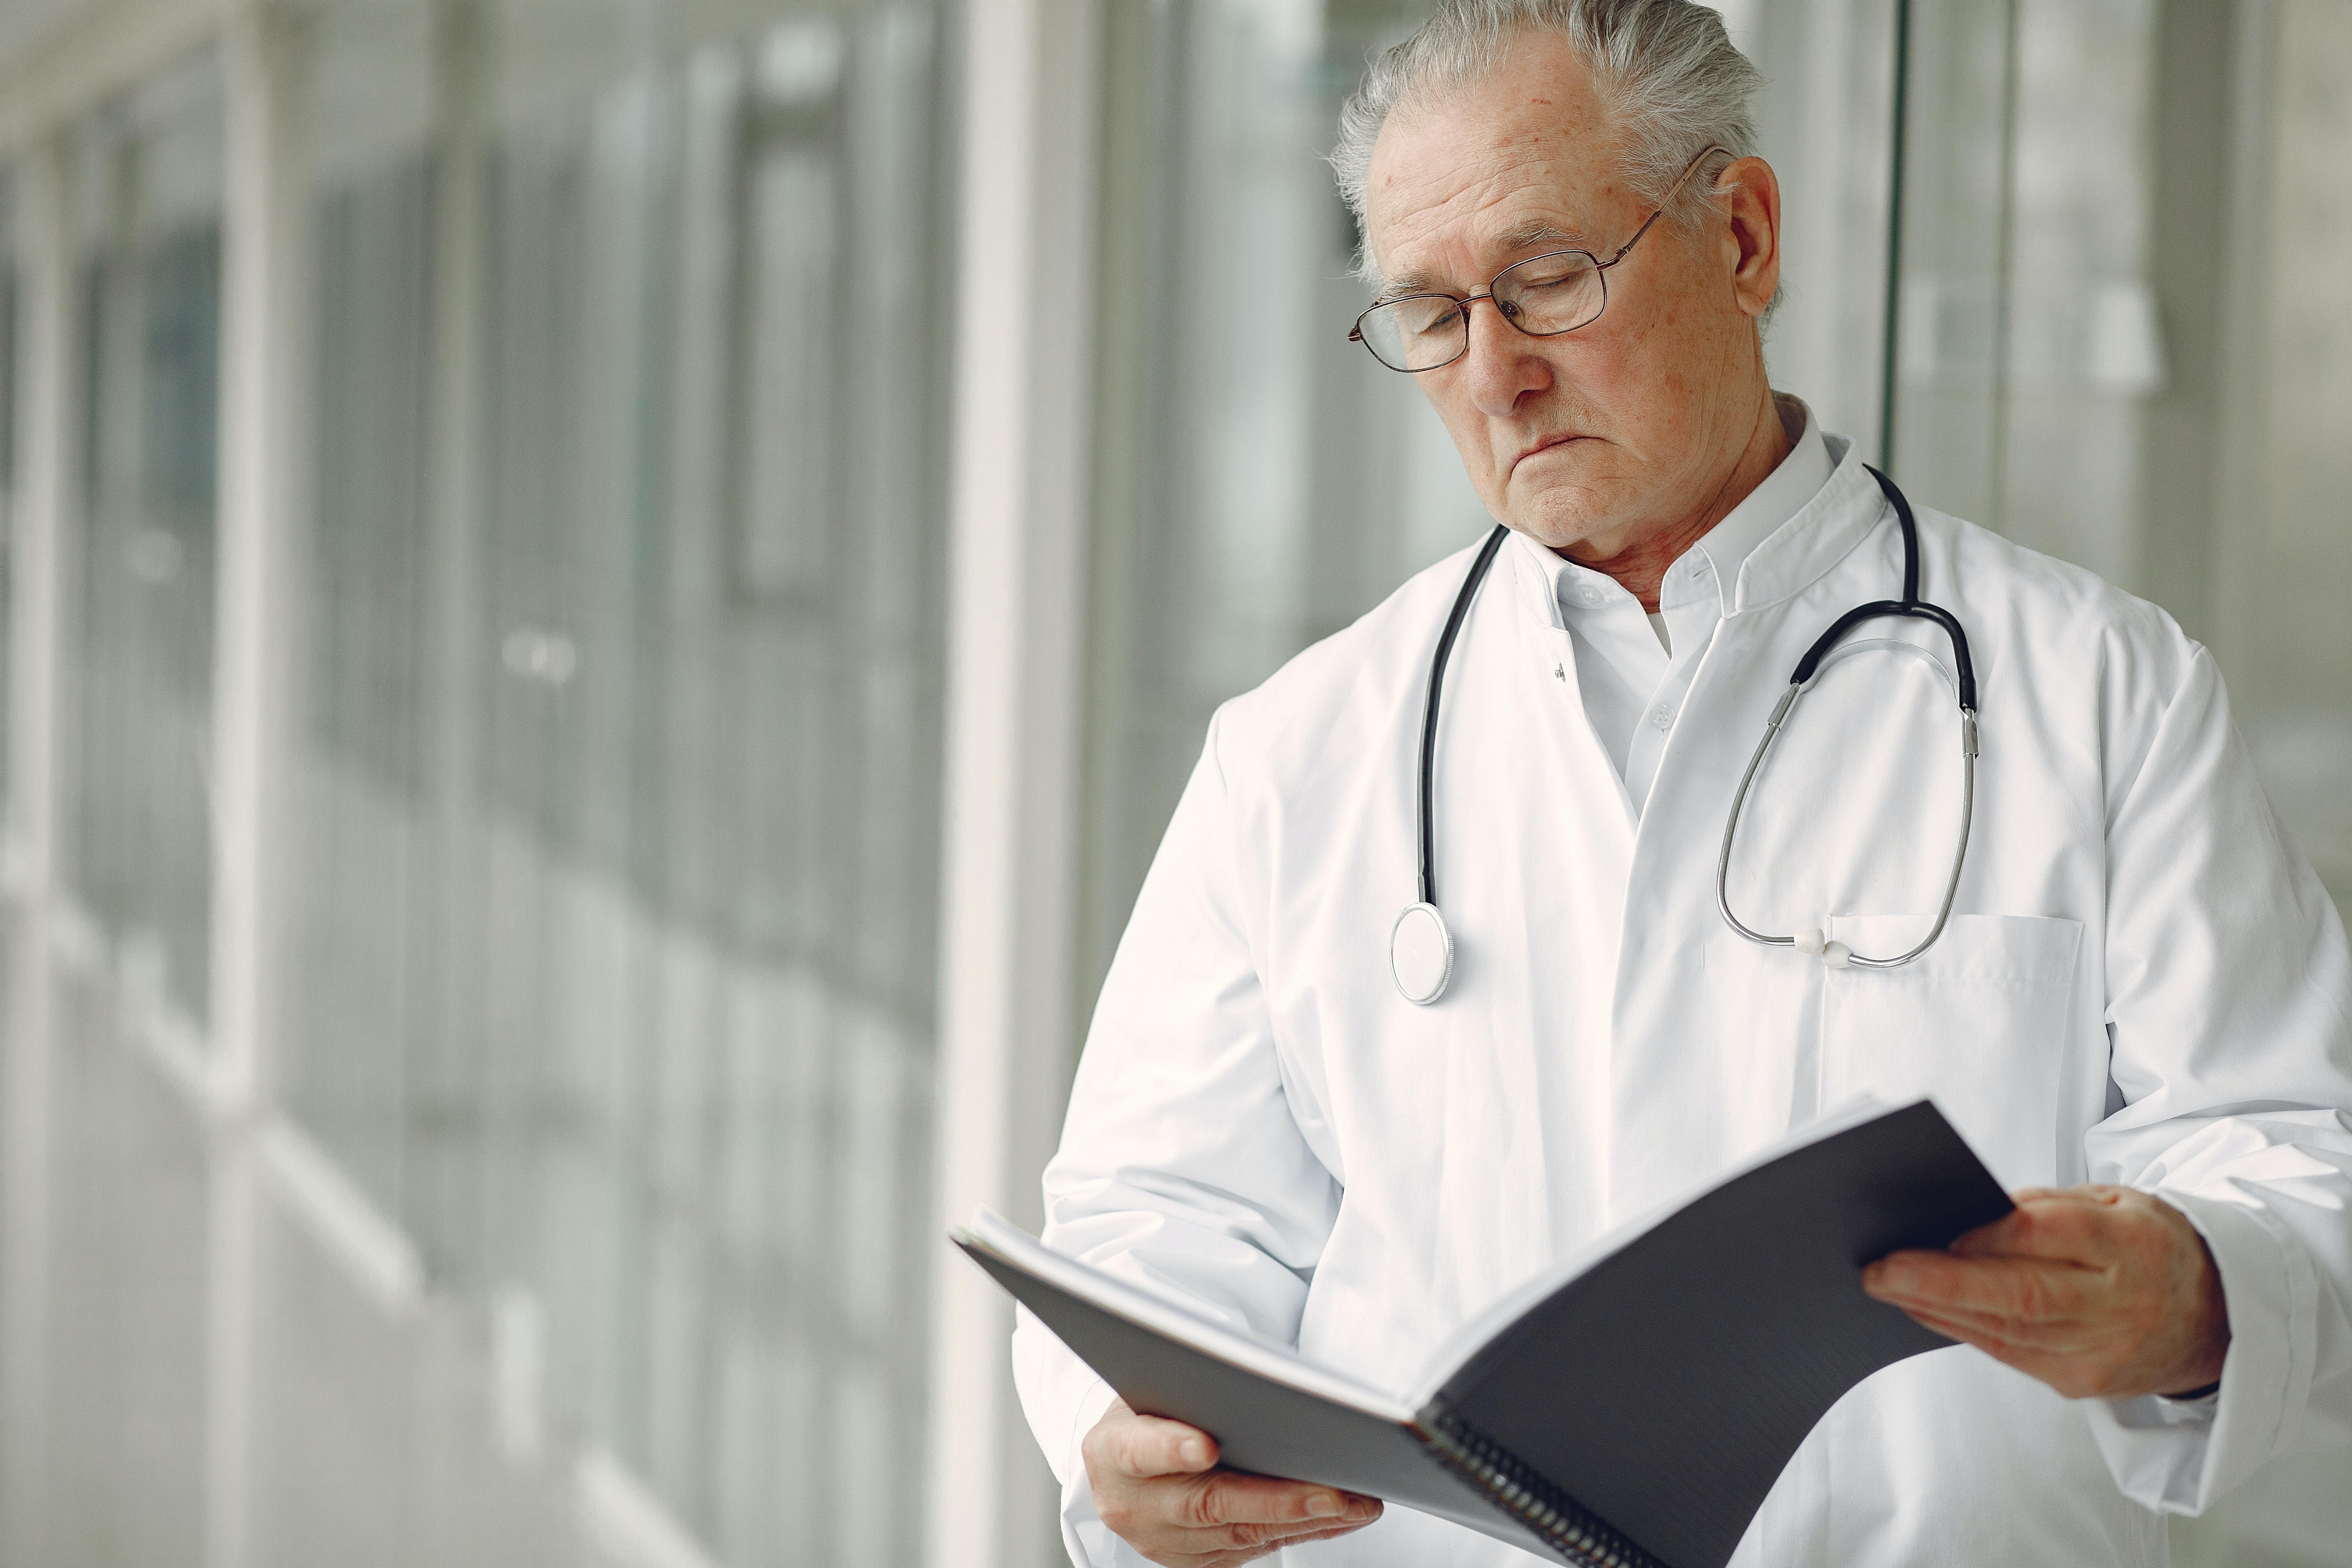 איך להימנע מרשלנות רפואית בניתוחי חניכיים וחלל הפה?